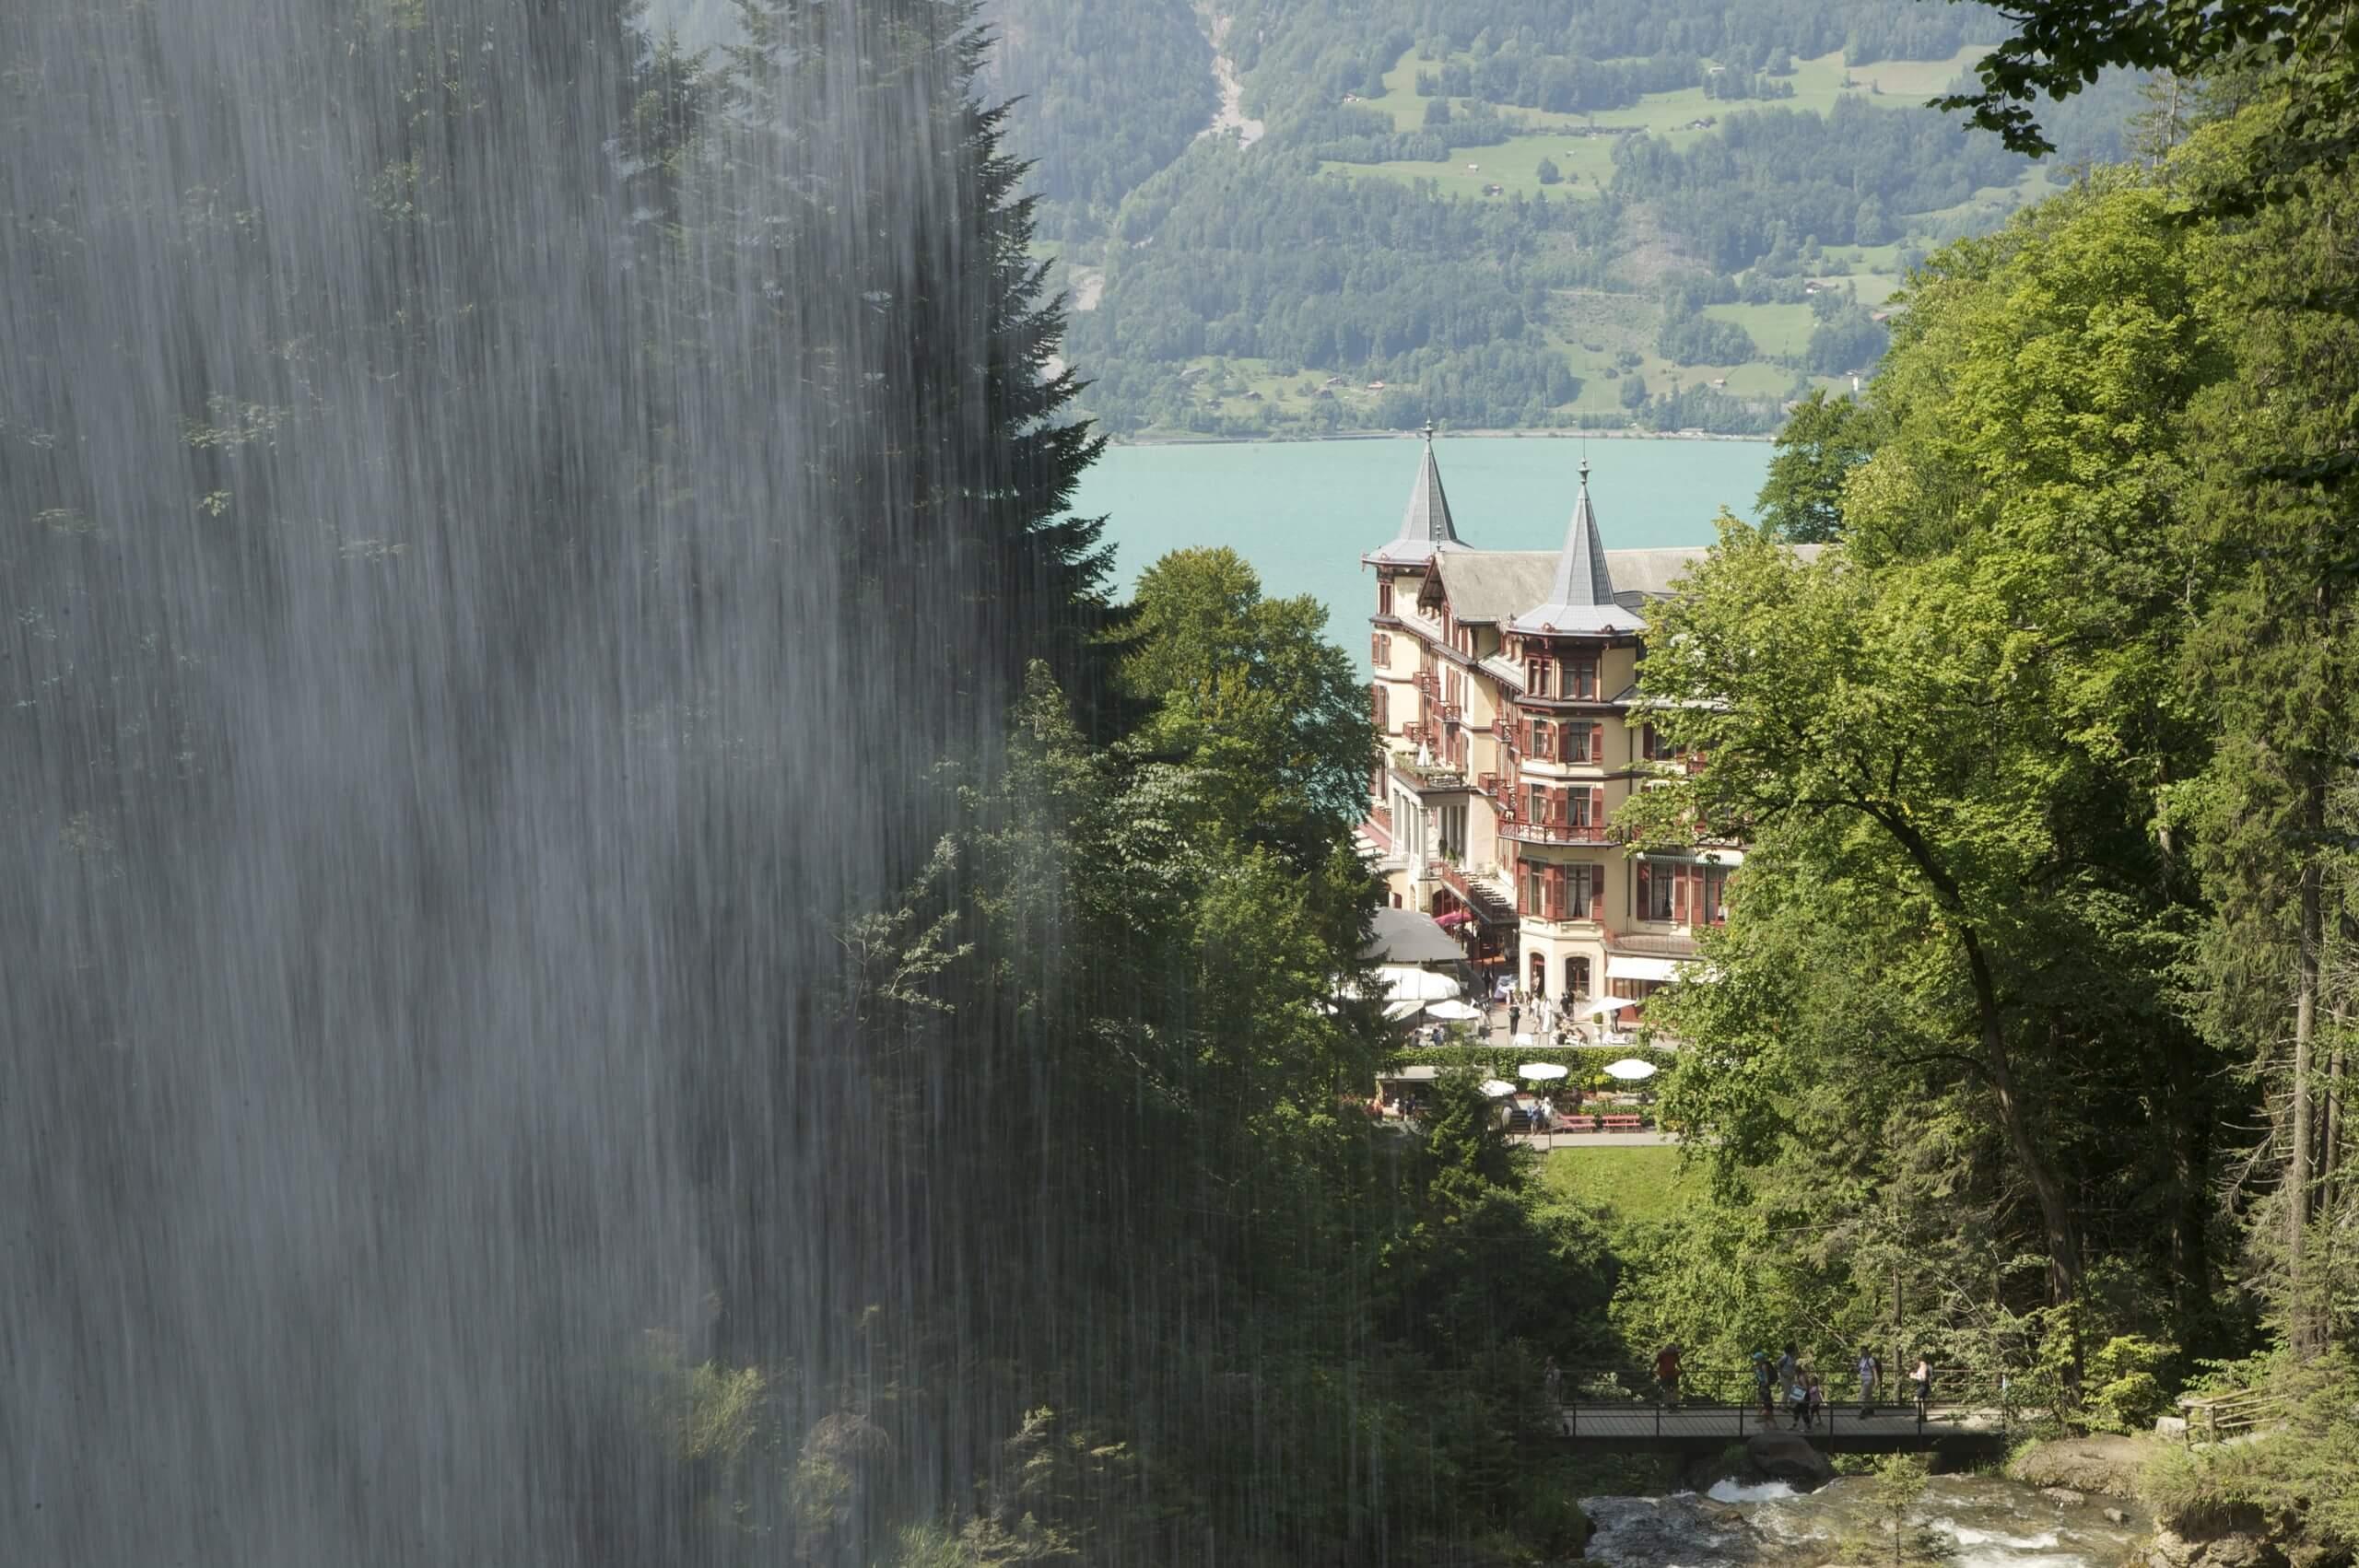 brienz-giessbach-wasserfaelle-sommer-hotel-see